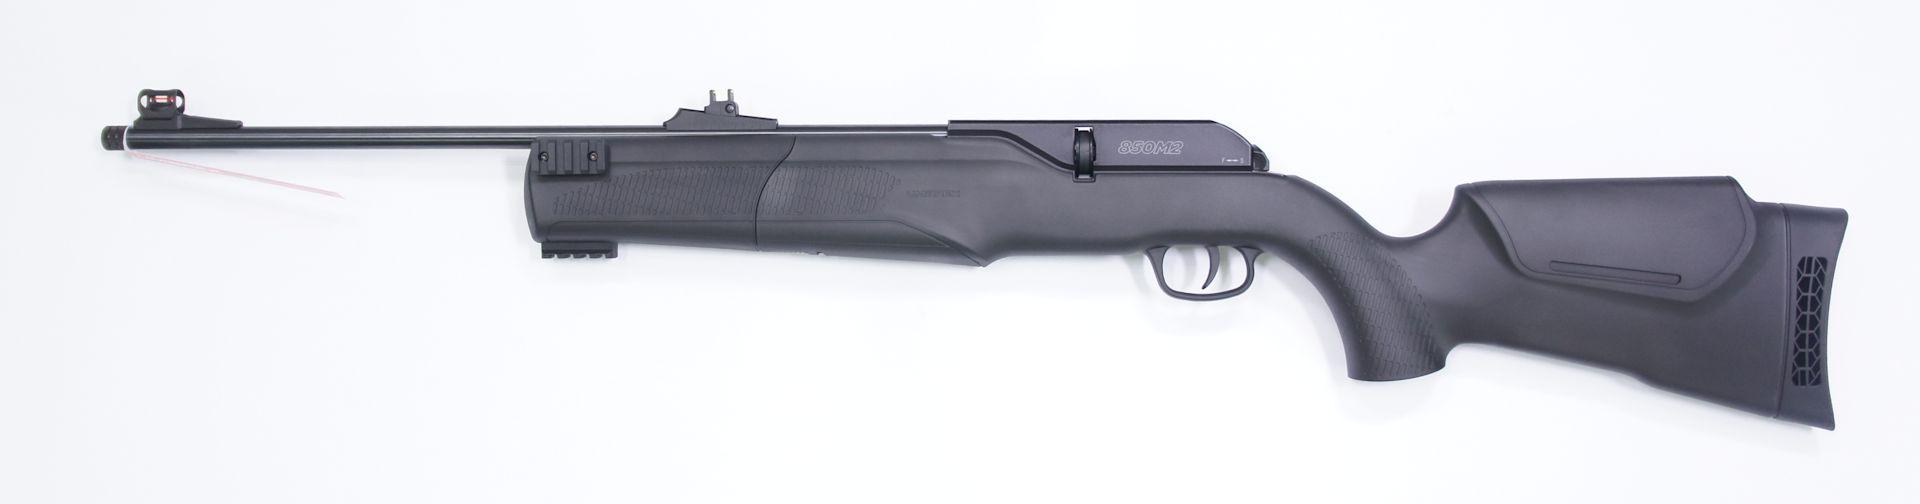 850 M2 CO2 Luftgewehr mit Laufgewinde 0,5 Zoll UNF für Kompensator oder Schalldämpfer